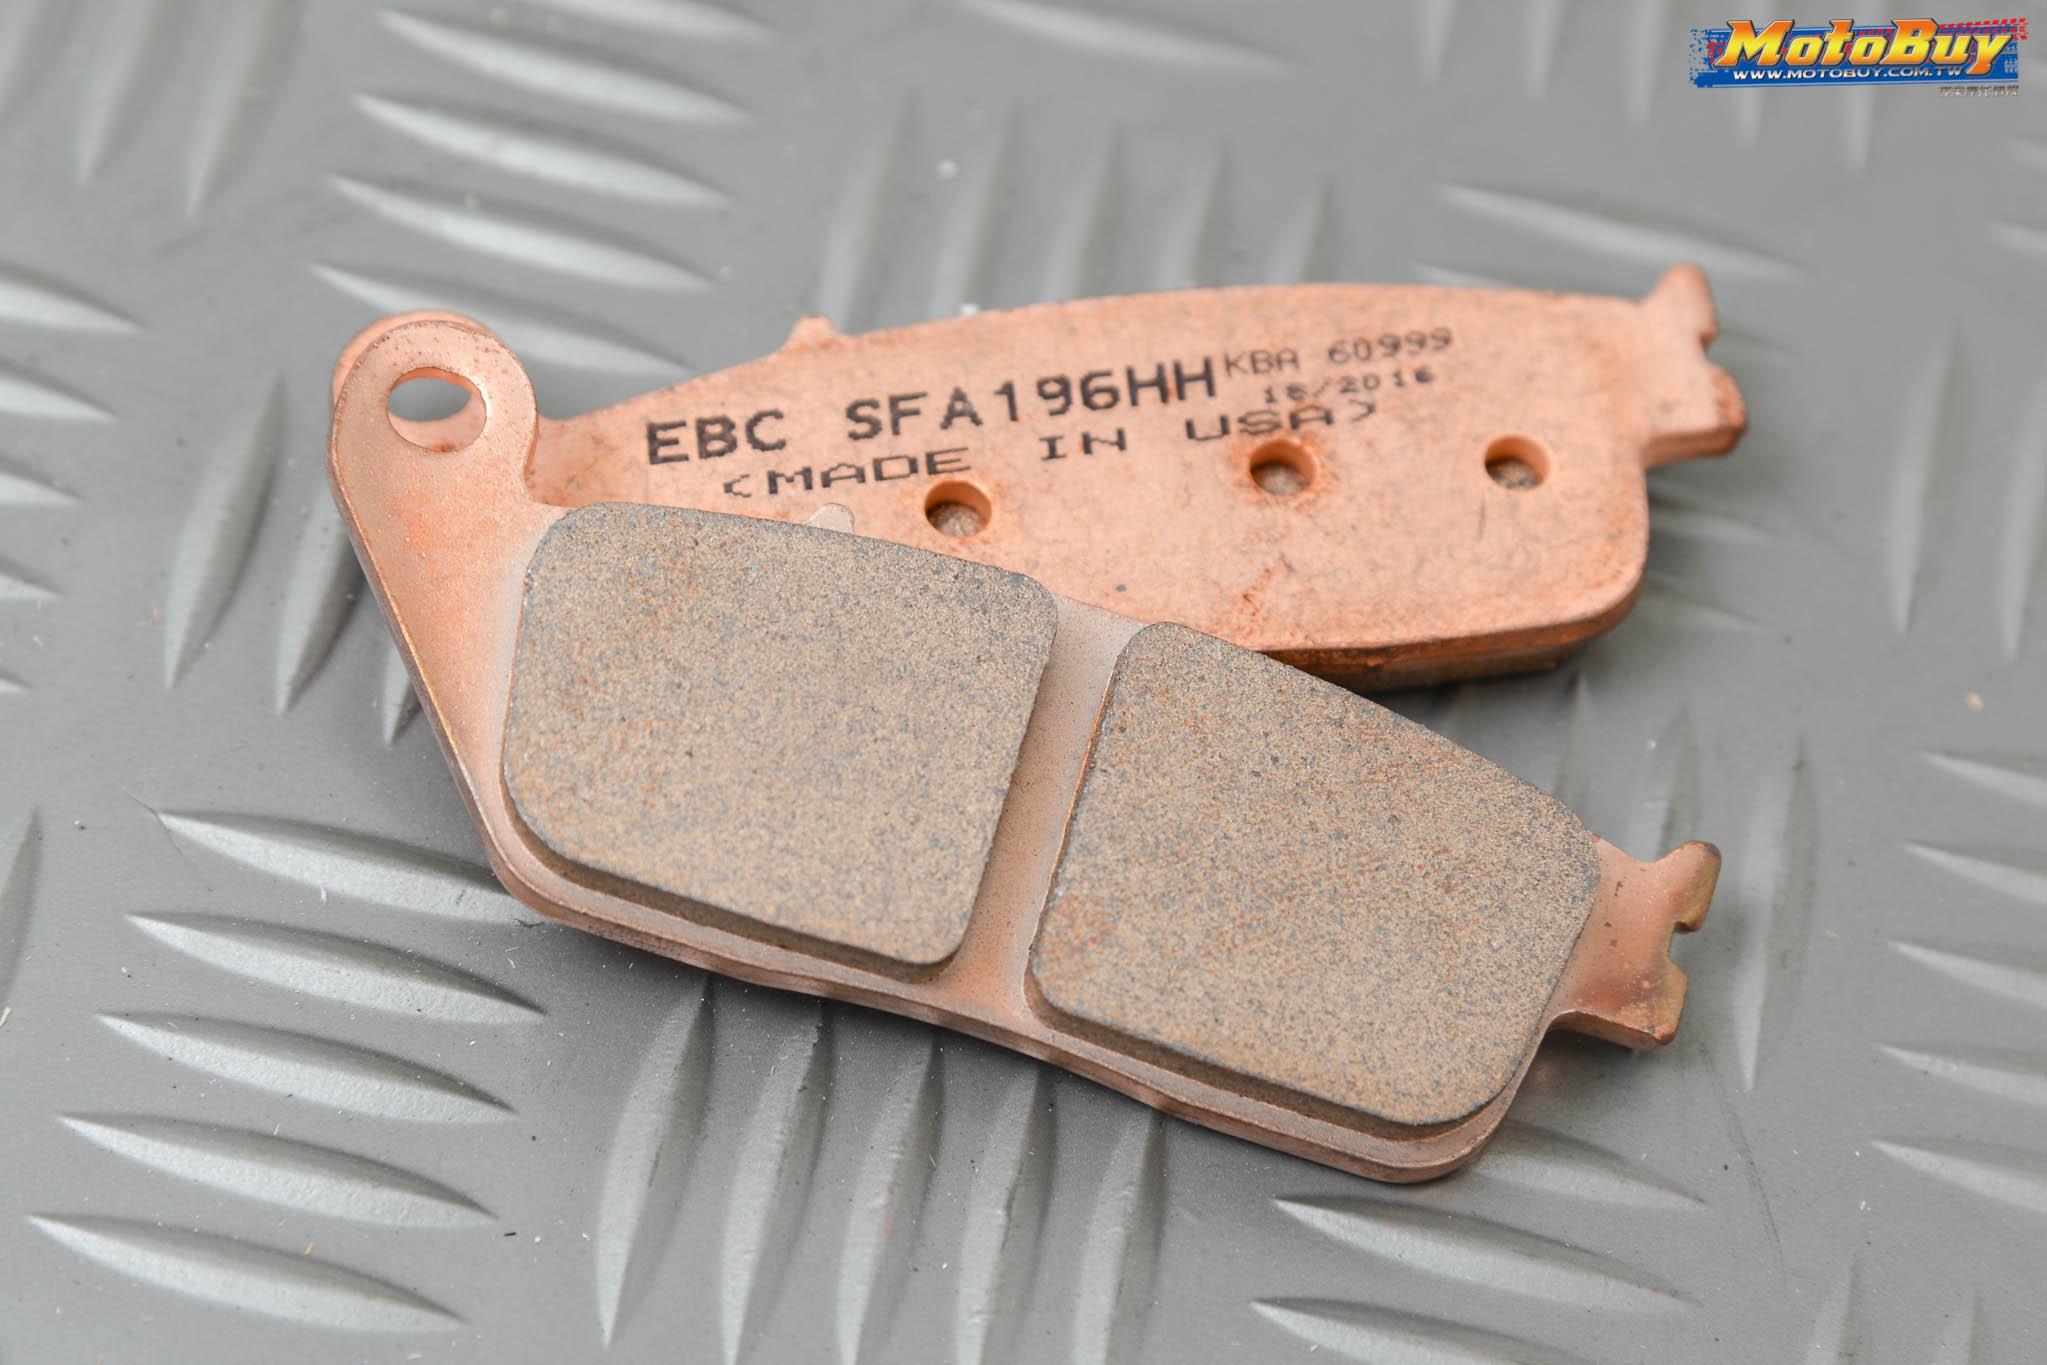 [部品情報] 特殊浮動扣專利置入!?- EBC 勁戰&BwsR專用制動套件   MotoBuy